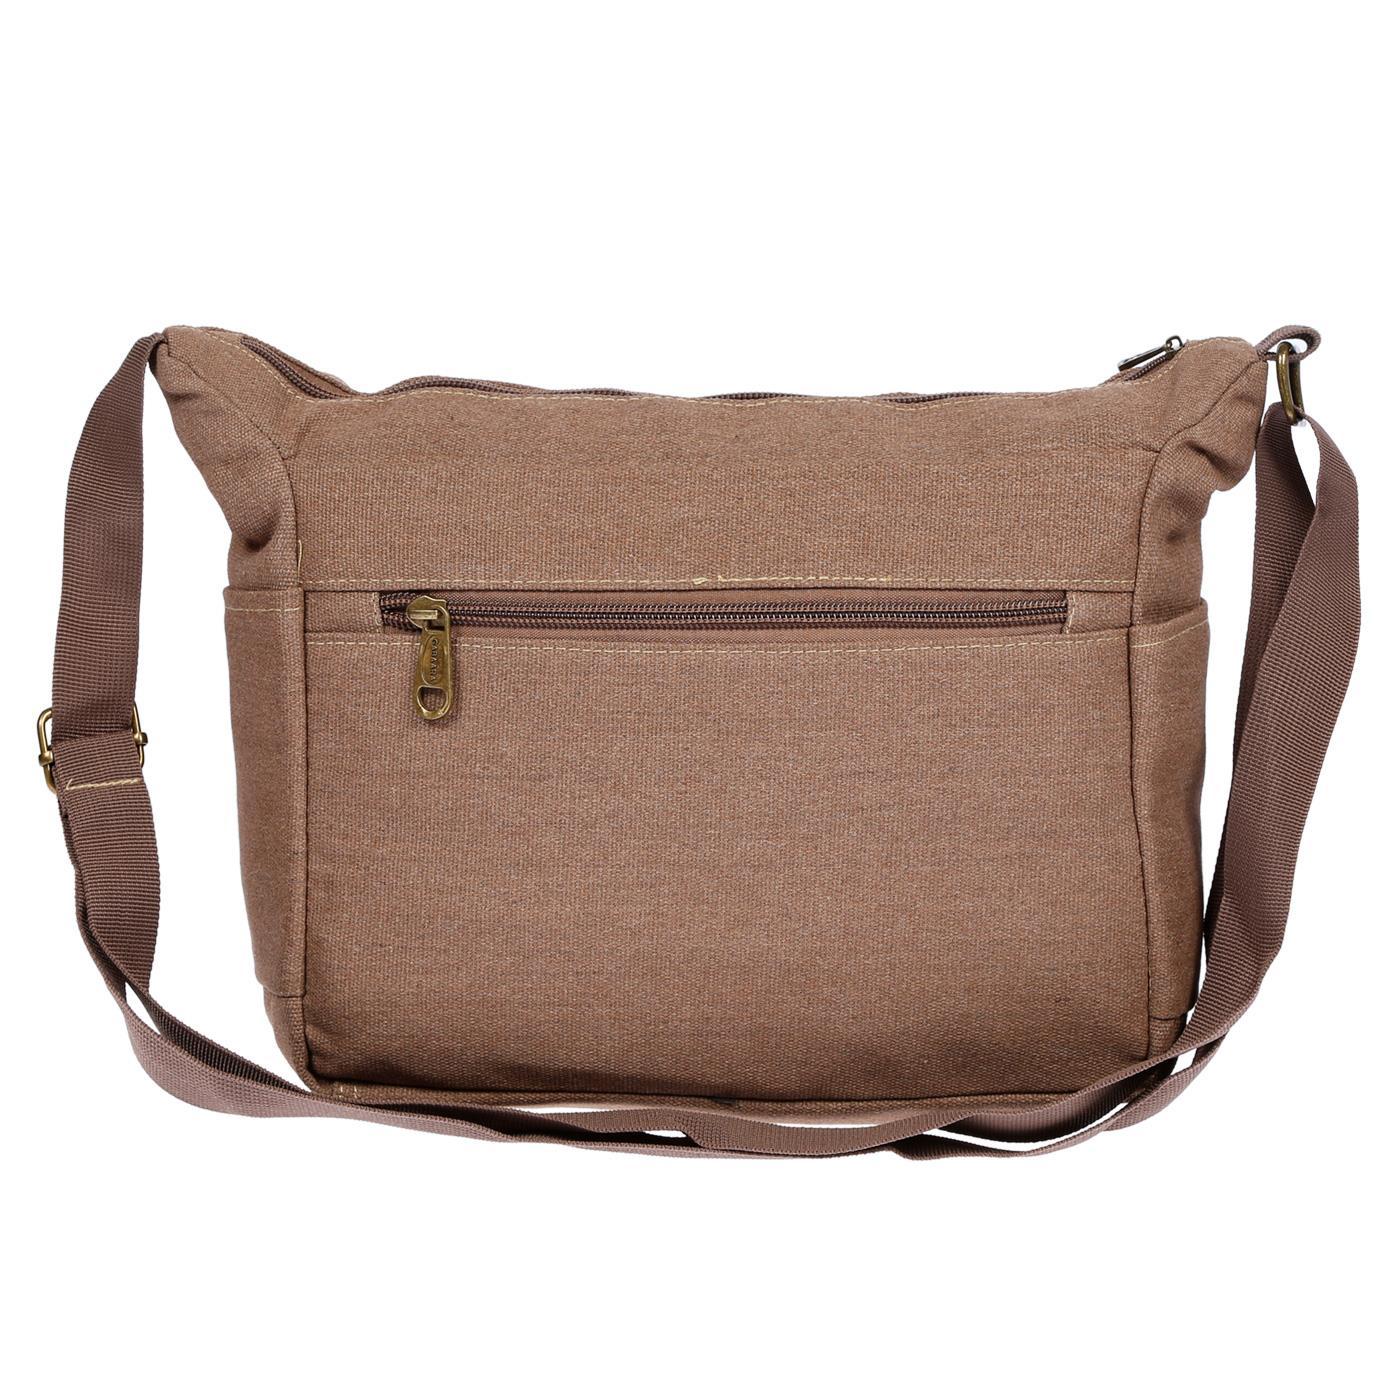 Damen-Tasche-Canvas-Umhaengetasche-Schultertasche-Crossover-Bag-Damenhandtasche Indexbild 28